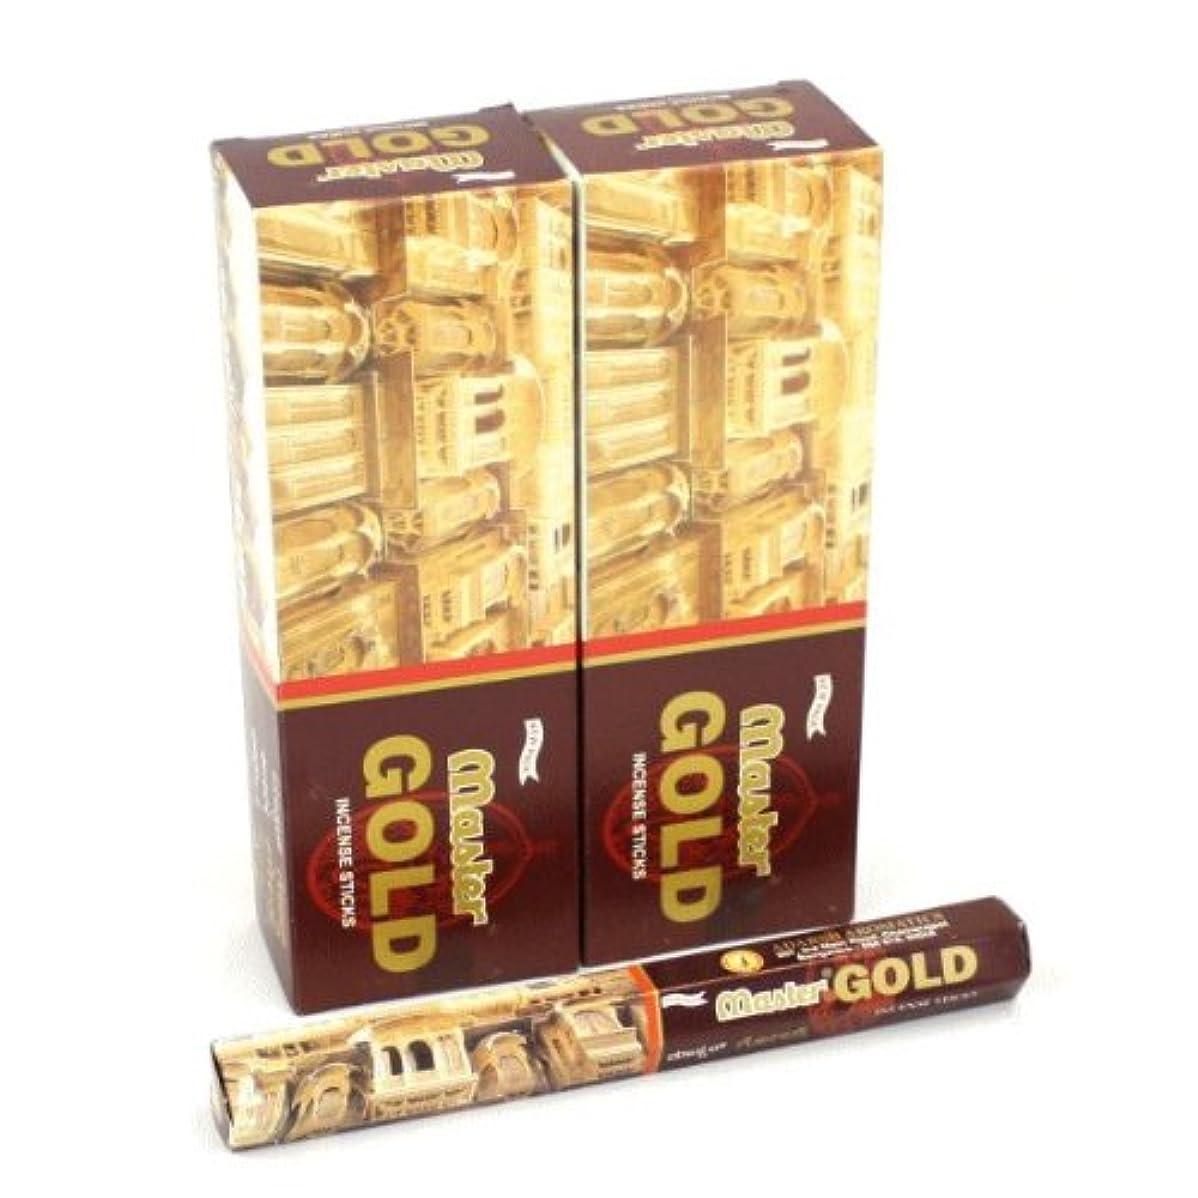 トランクと闘う城ADARSH マスターゴールド香 スティック ヘキサパック(六角) 12箱セット MASTER GOLD